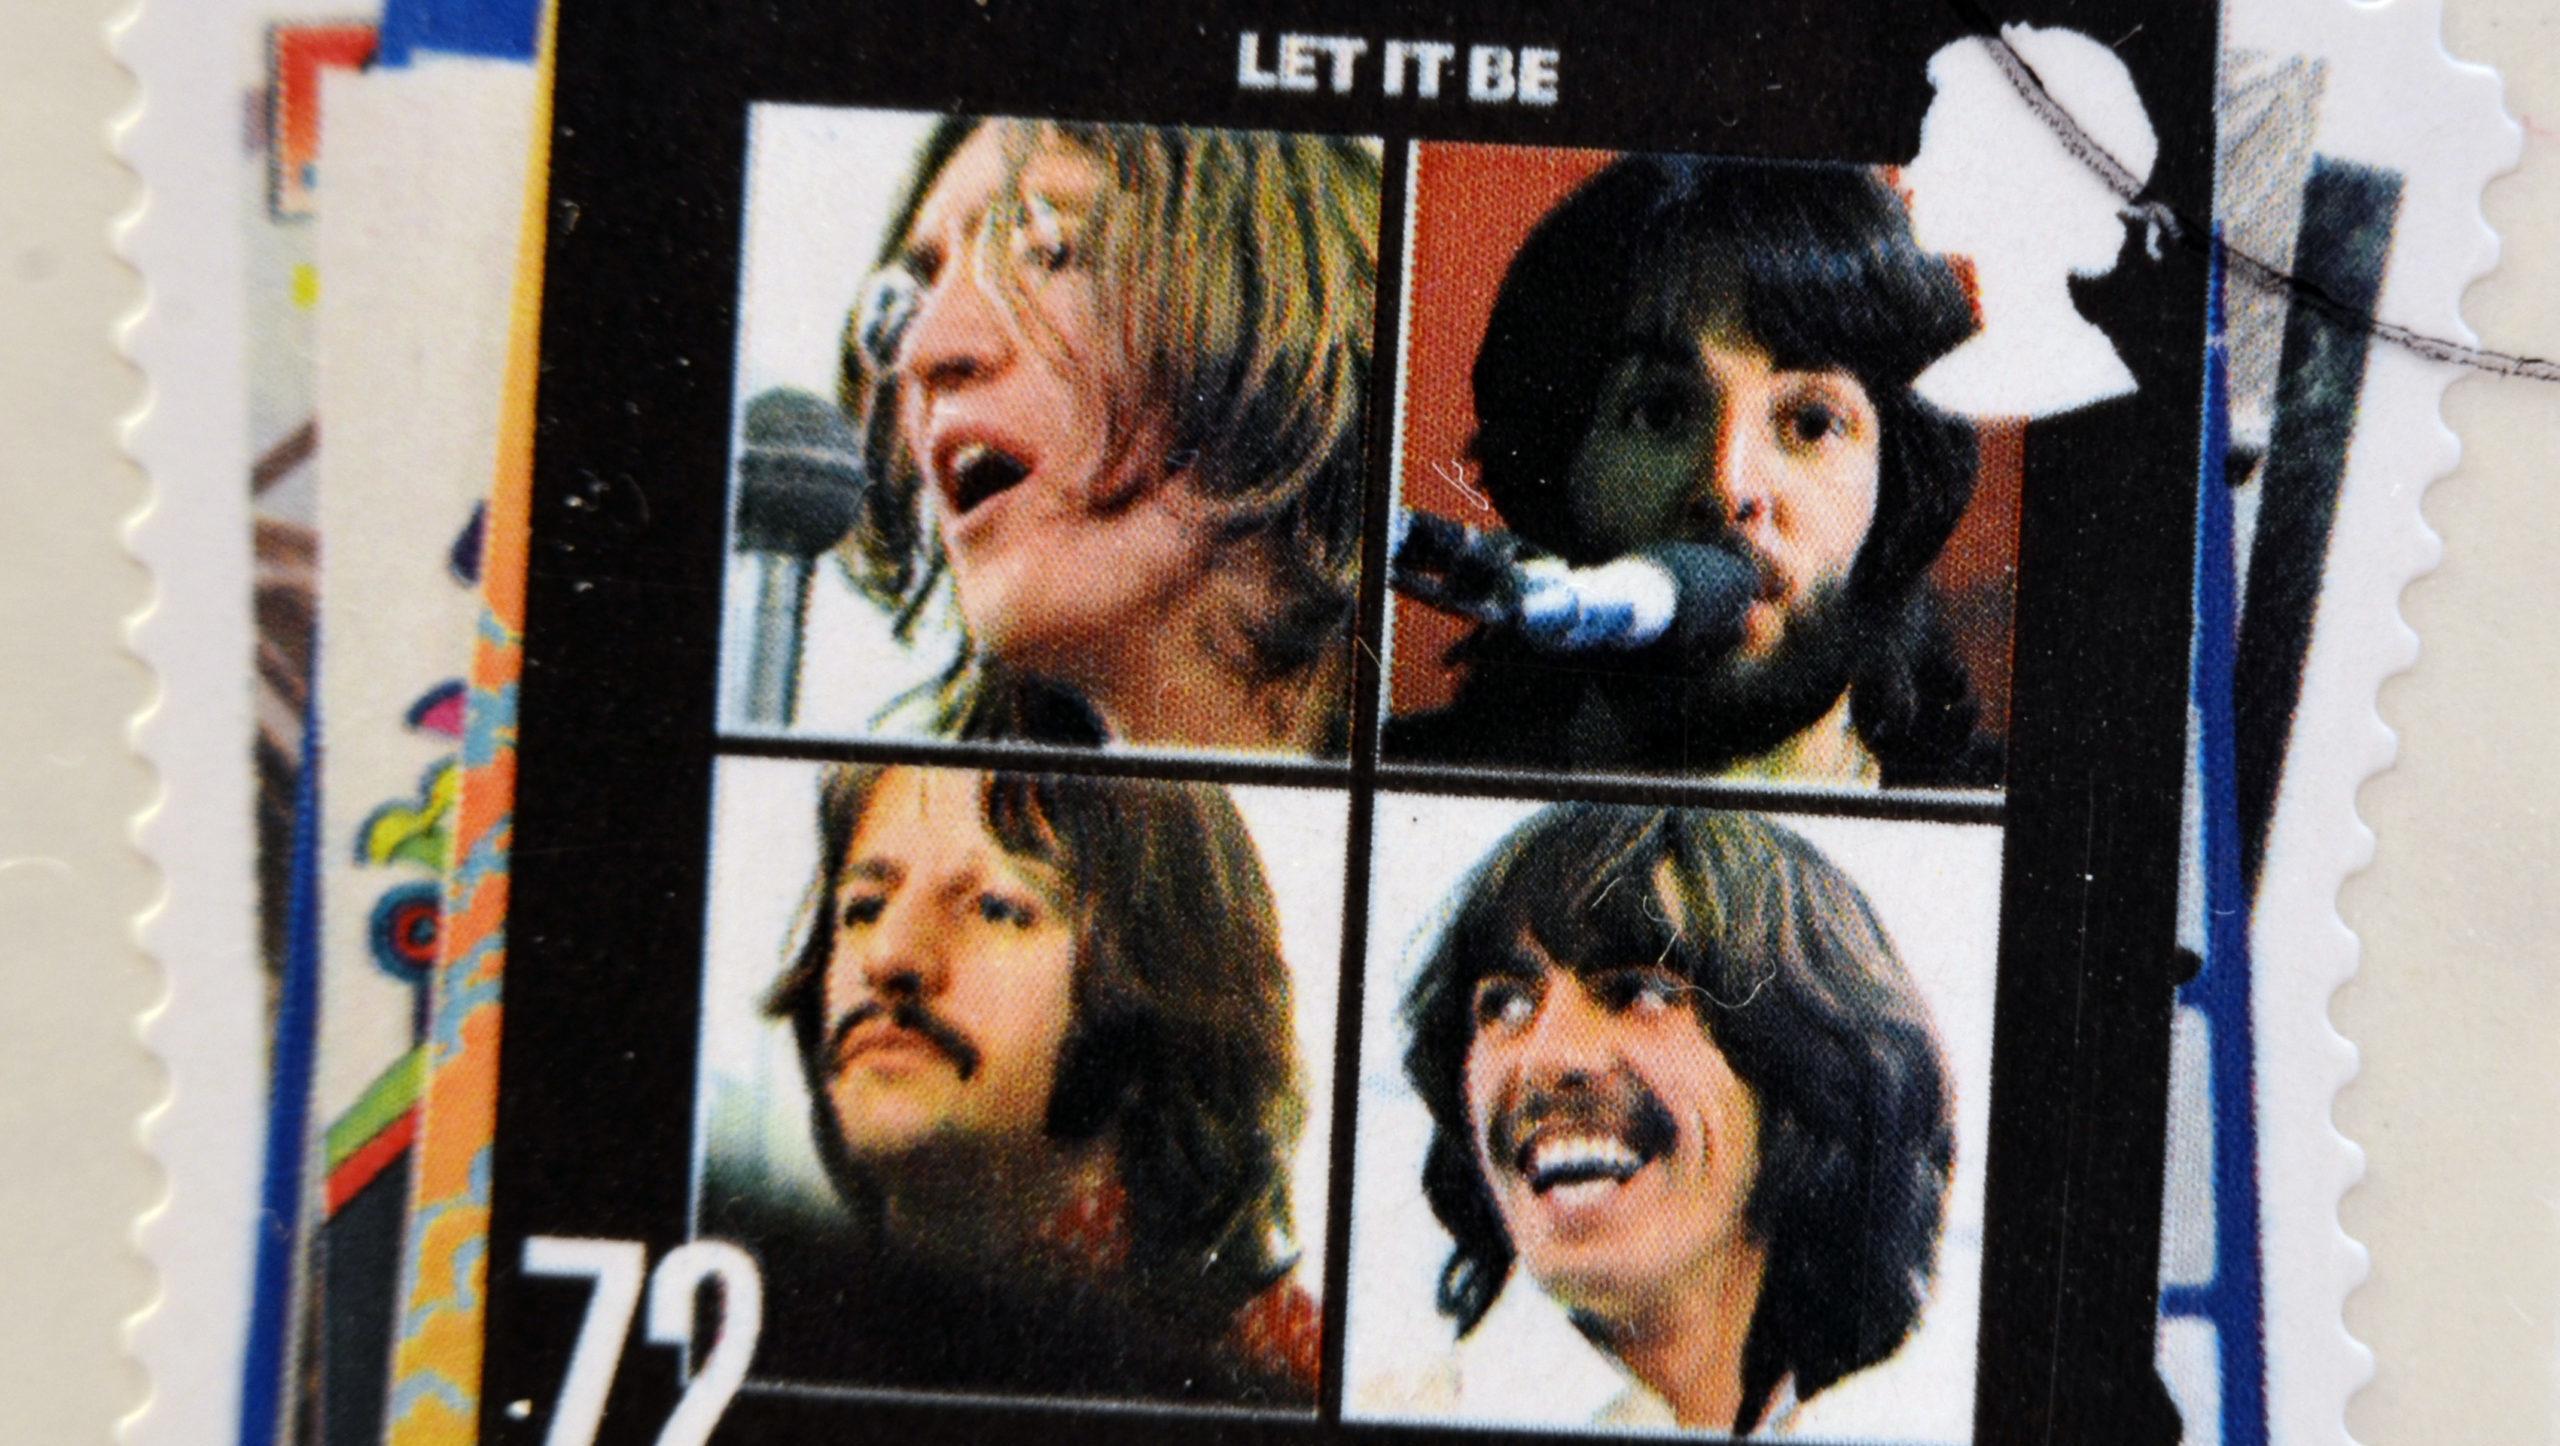 5 datos que no sabías de Let It Be, el último álbum de los Beatles que hoy cumple años